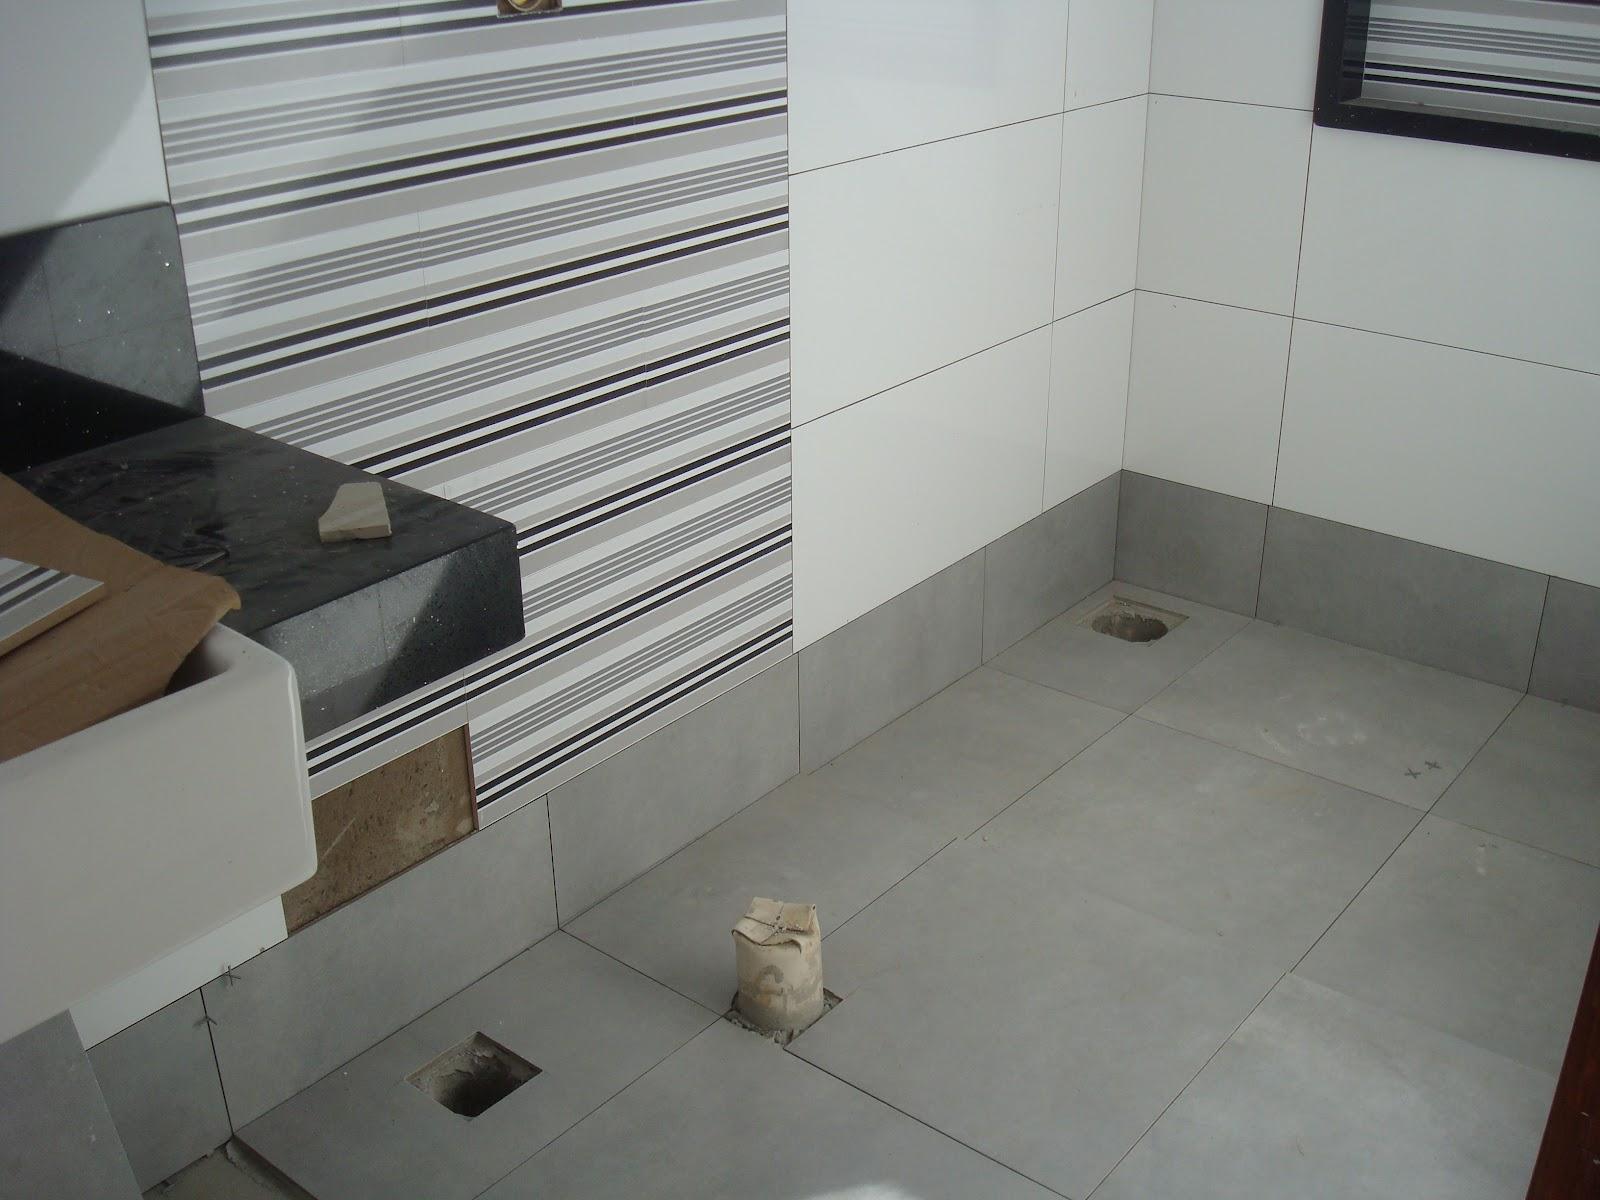 quinta feira 31 de maio de 2012 #584A3B 1600x1200 Banheiro Com Piso De Porcelanato Preto